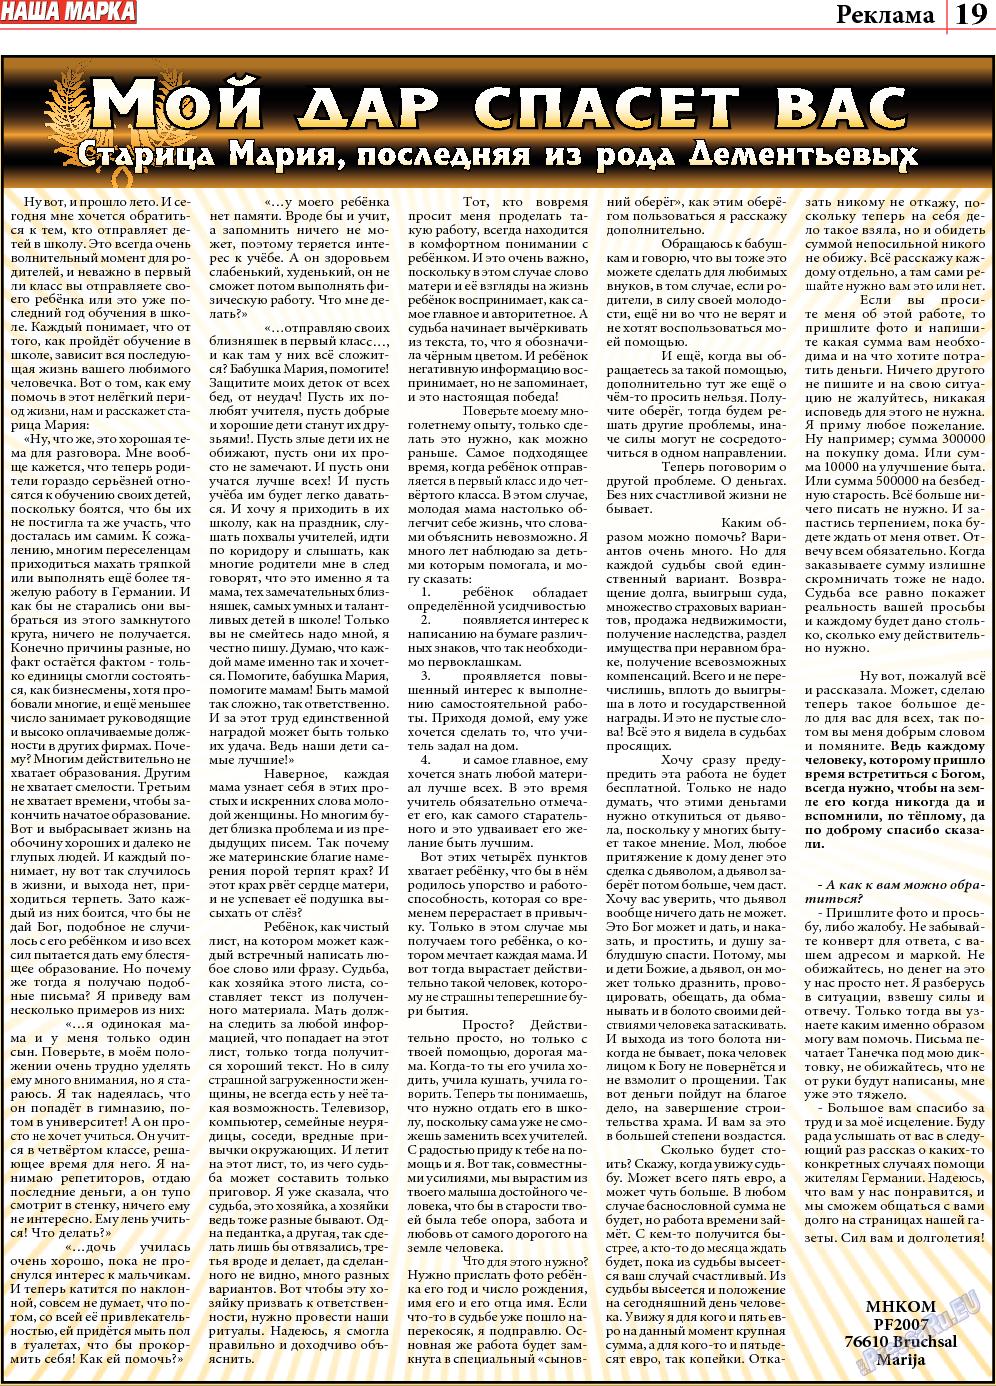 Наша марка (газета). 2013 год, номер 9, стр. 19